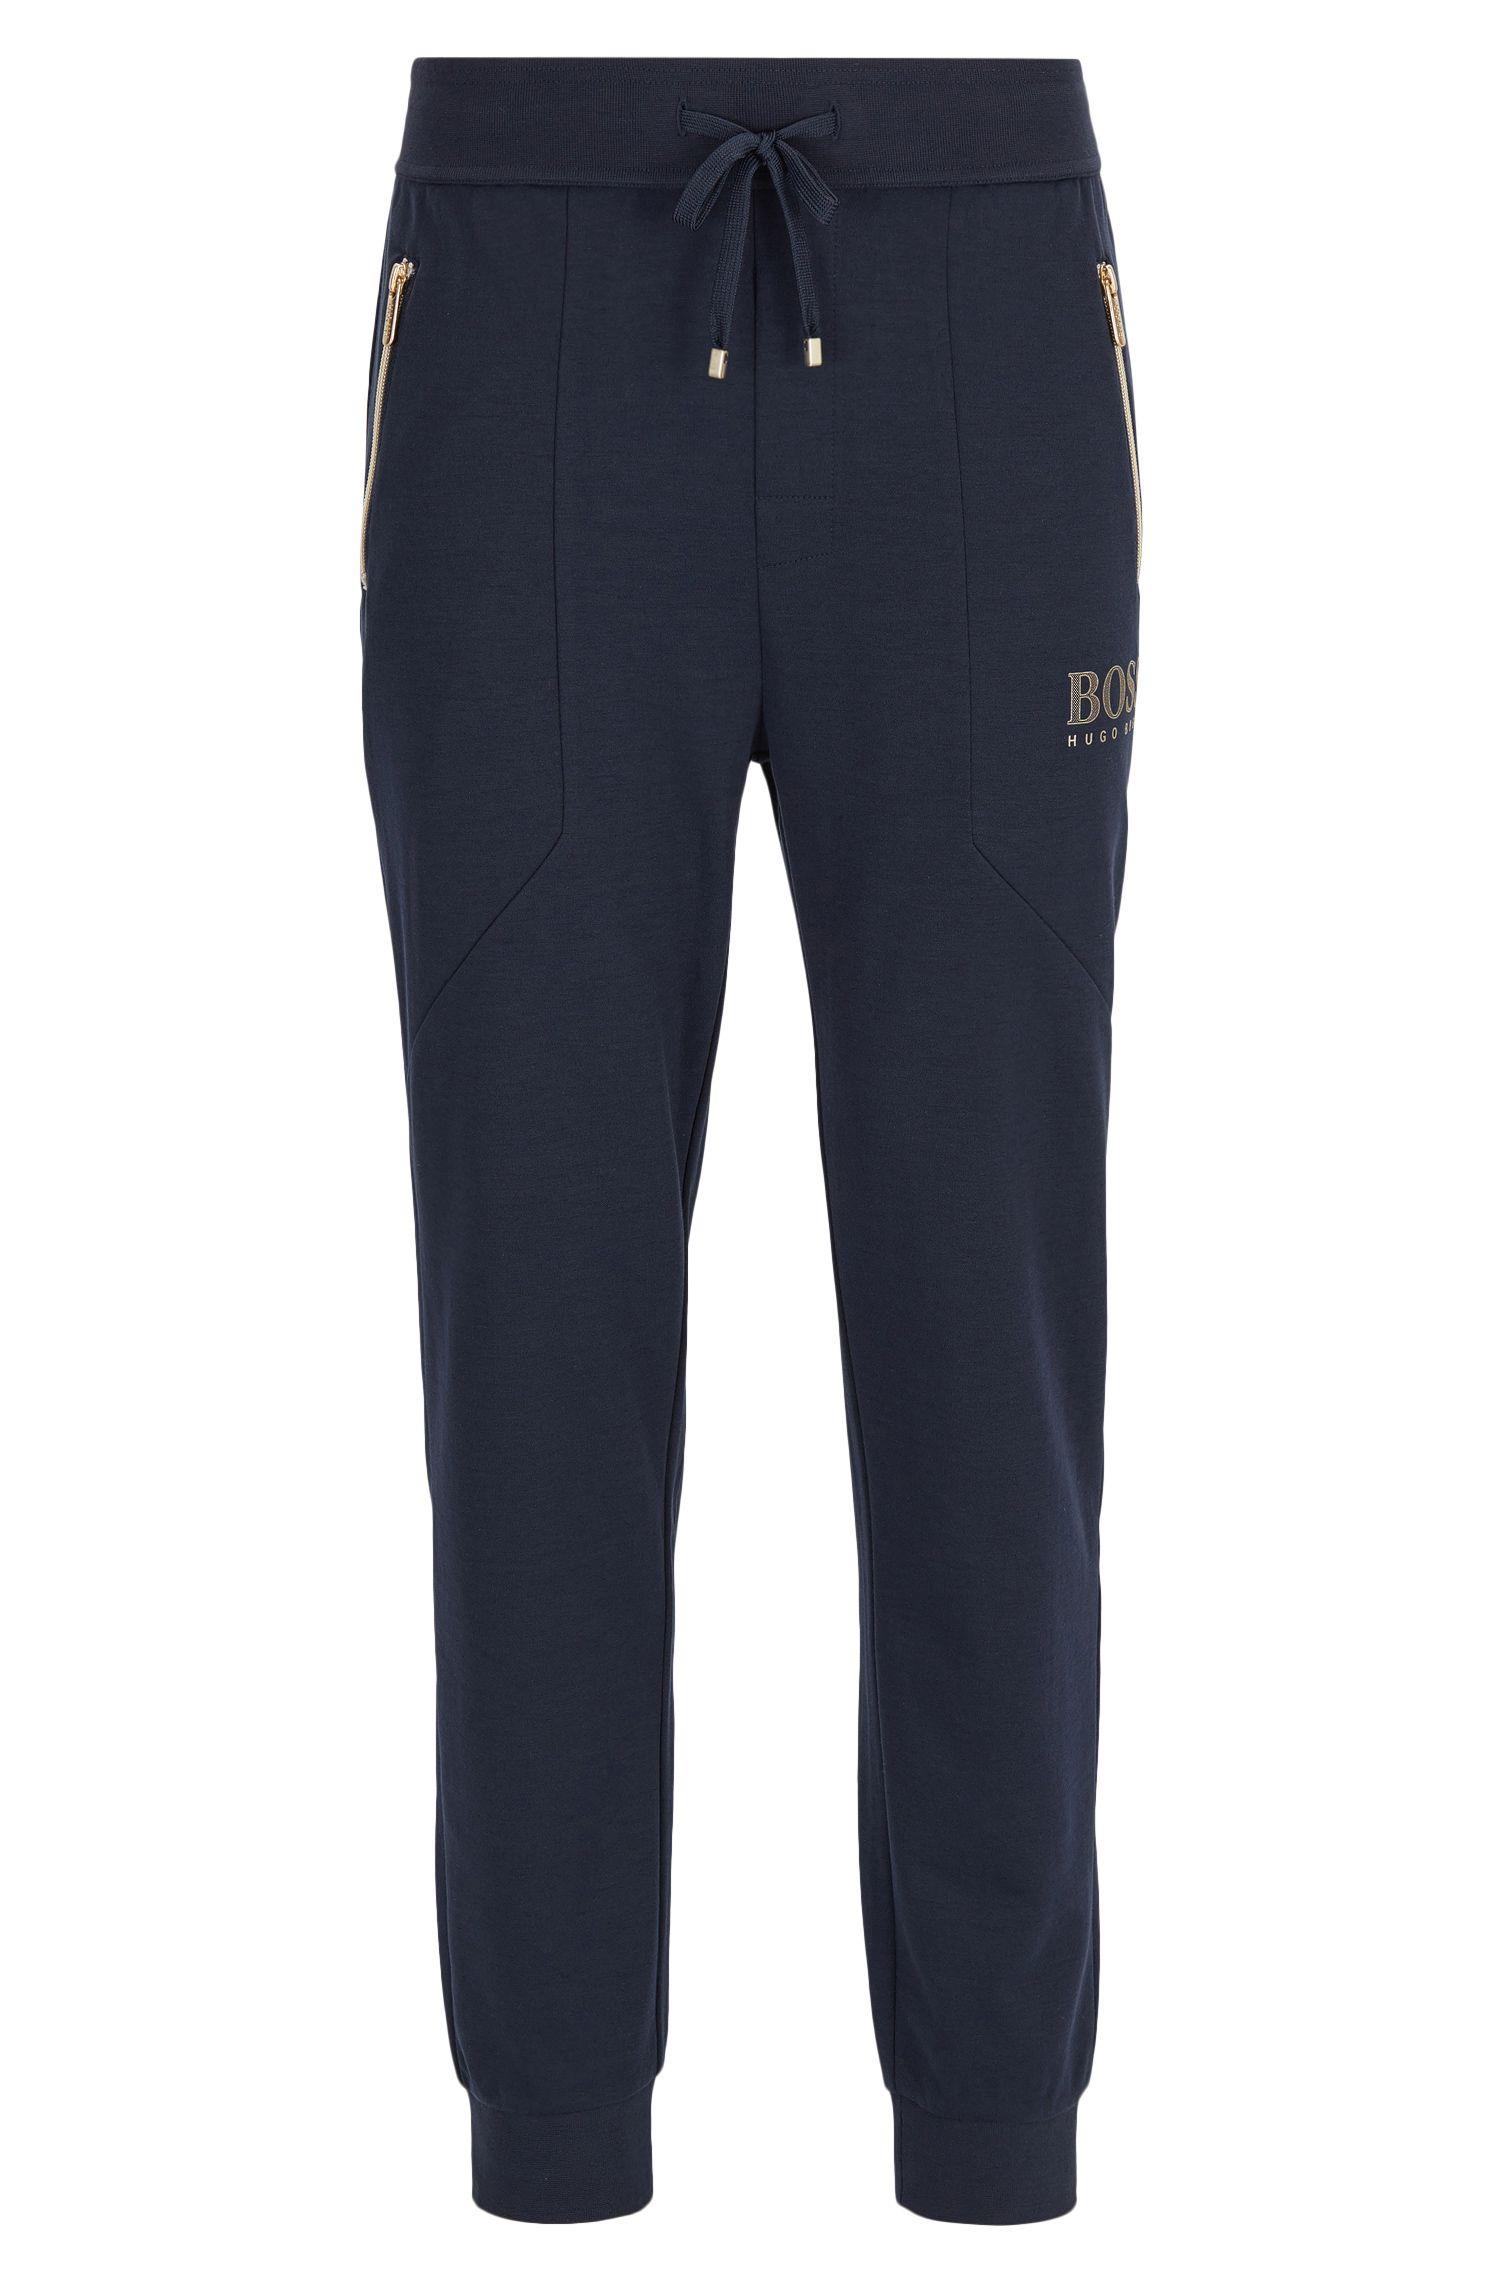 Pantalones loungewear en mezcla de algodón